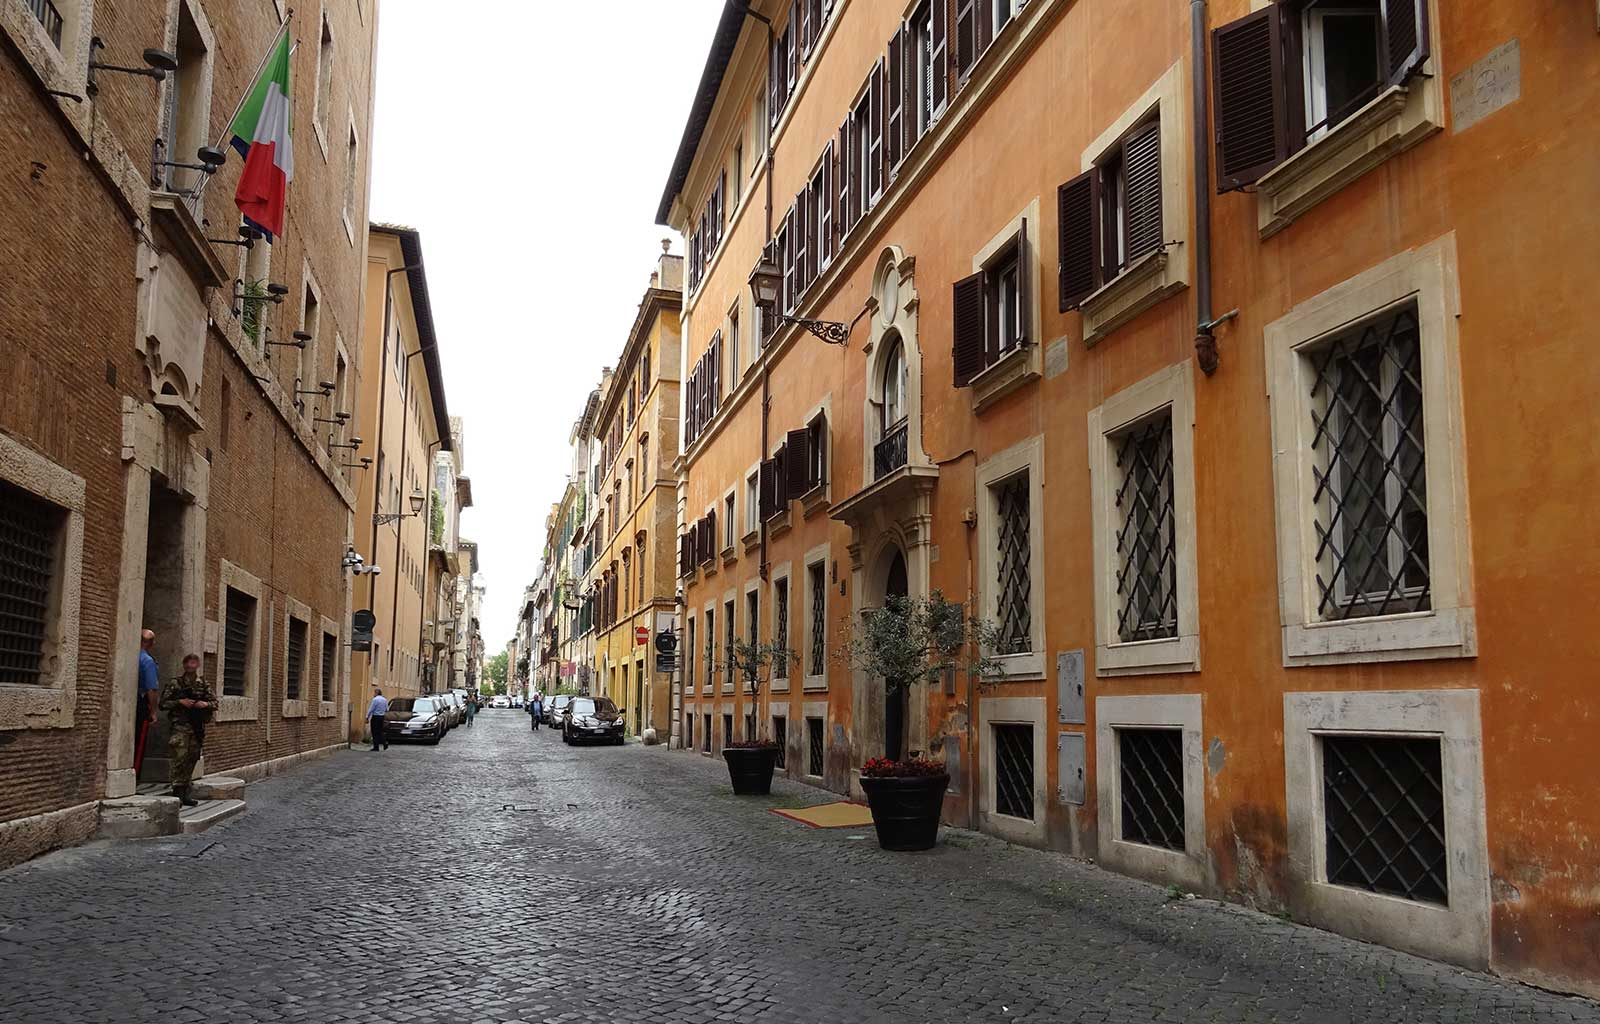 Voyage Italie Rome Petite rue colorée